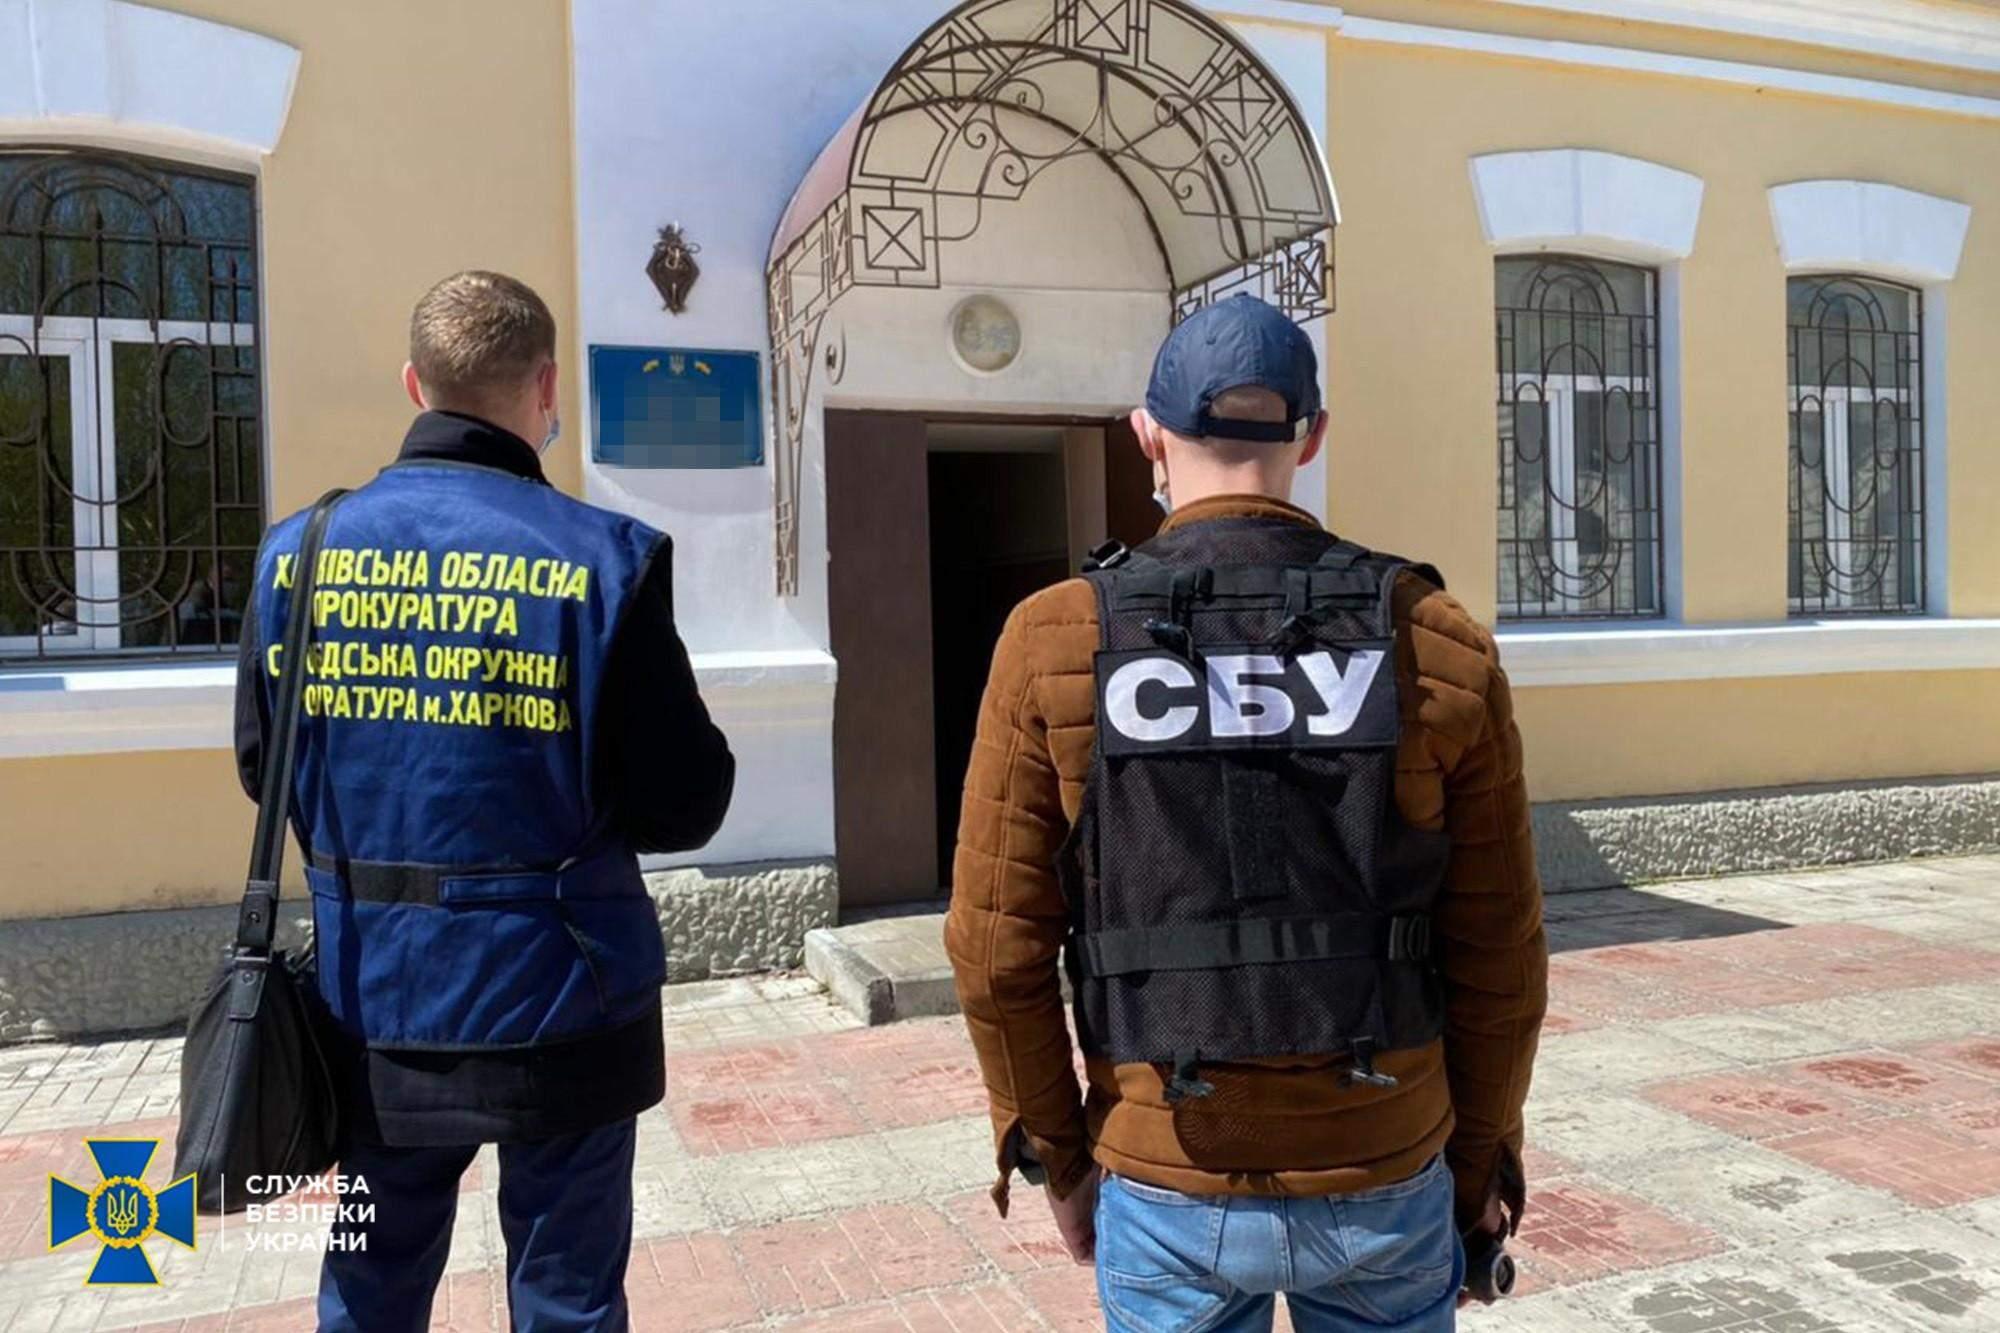 Слідчі СБУ Прокуратура Укрзалізниця Південна залізниця корупція схеми